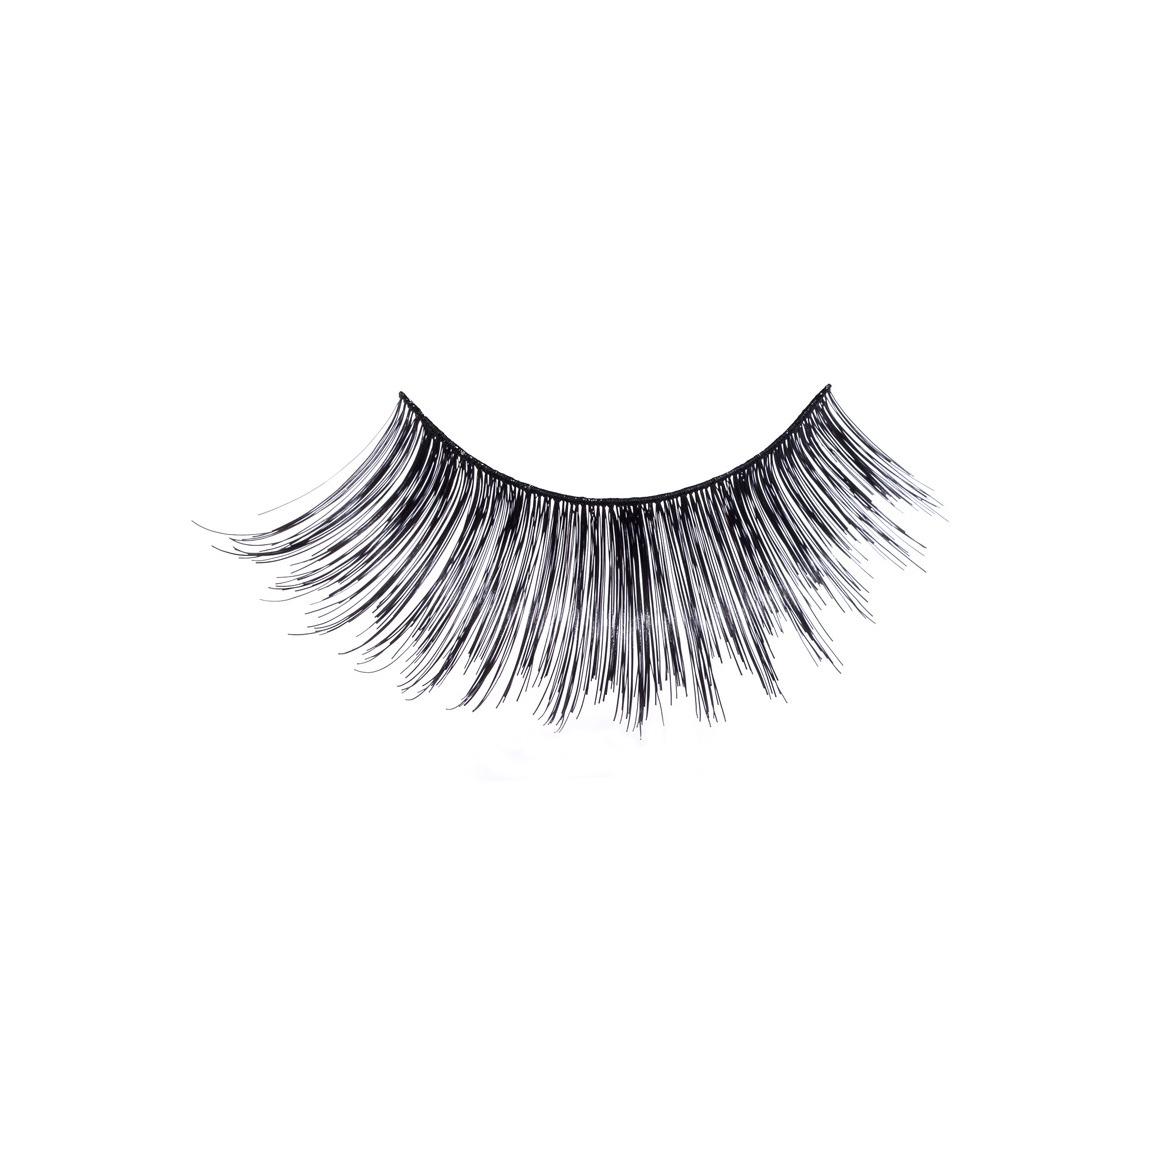 Sugarpill Cosmetics False Eyelashes Flutter product swatch.